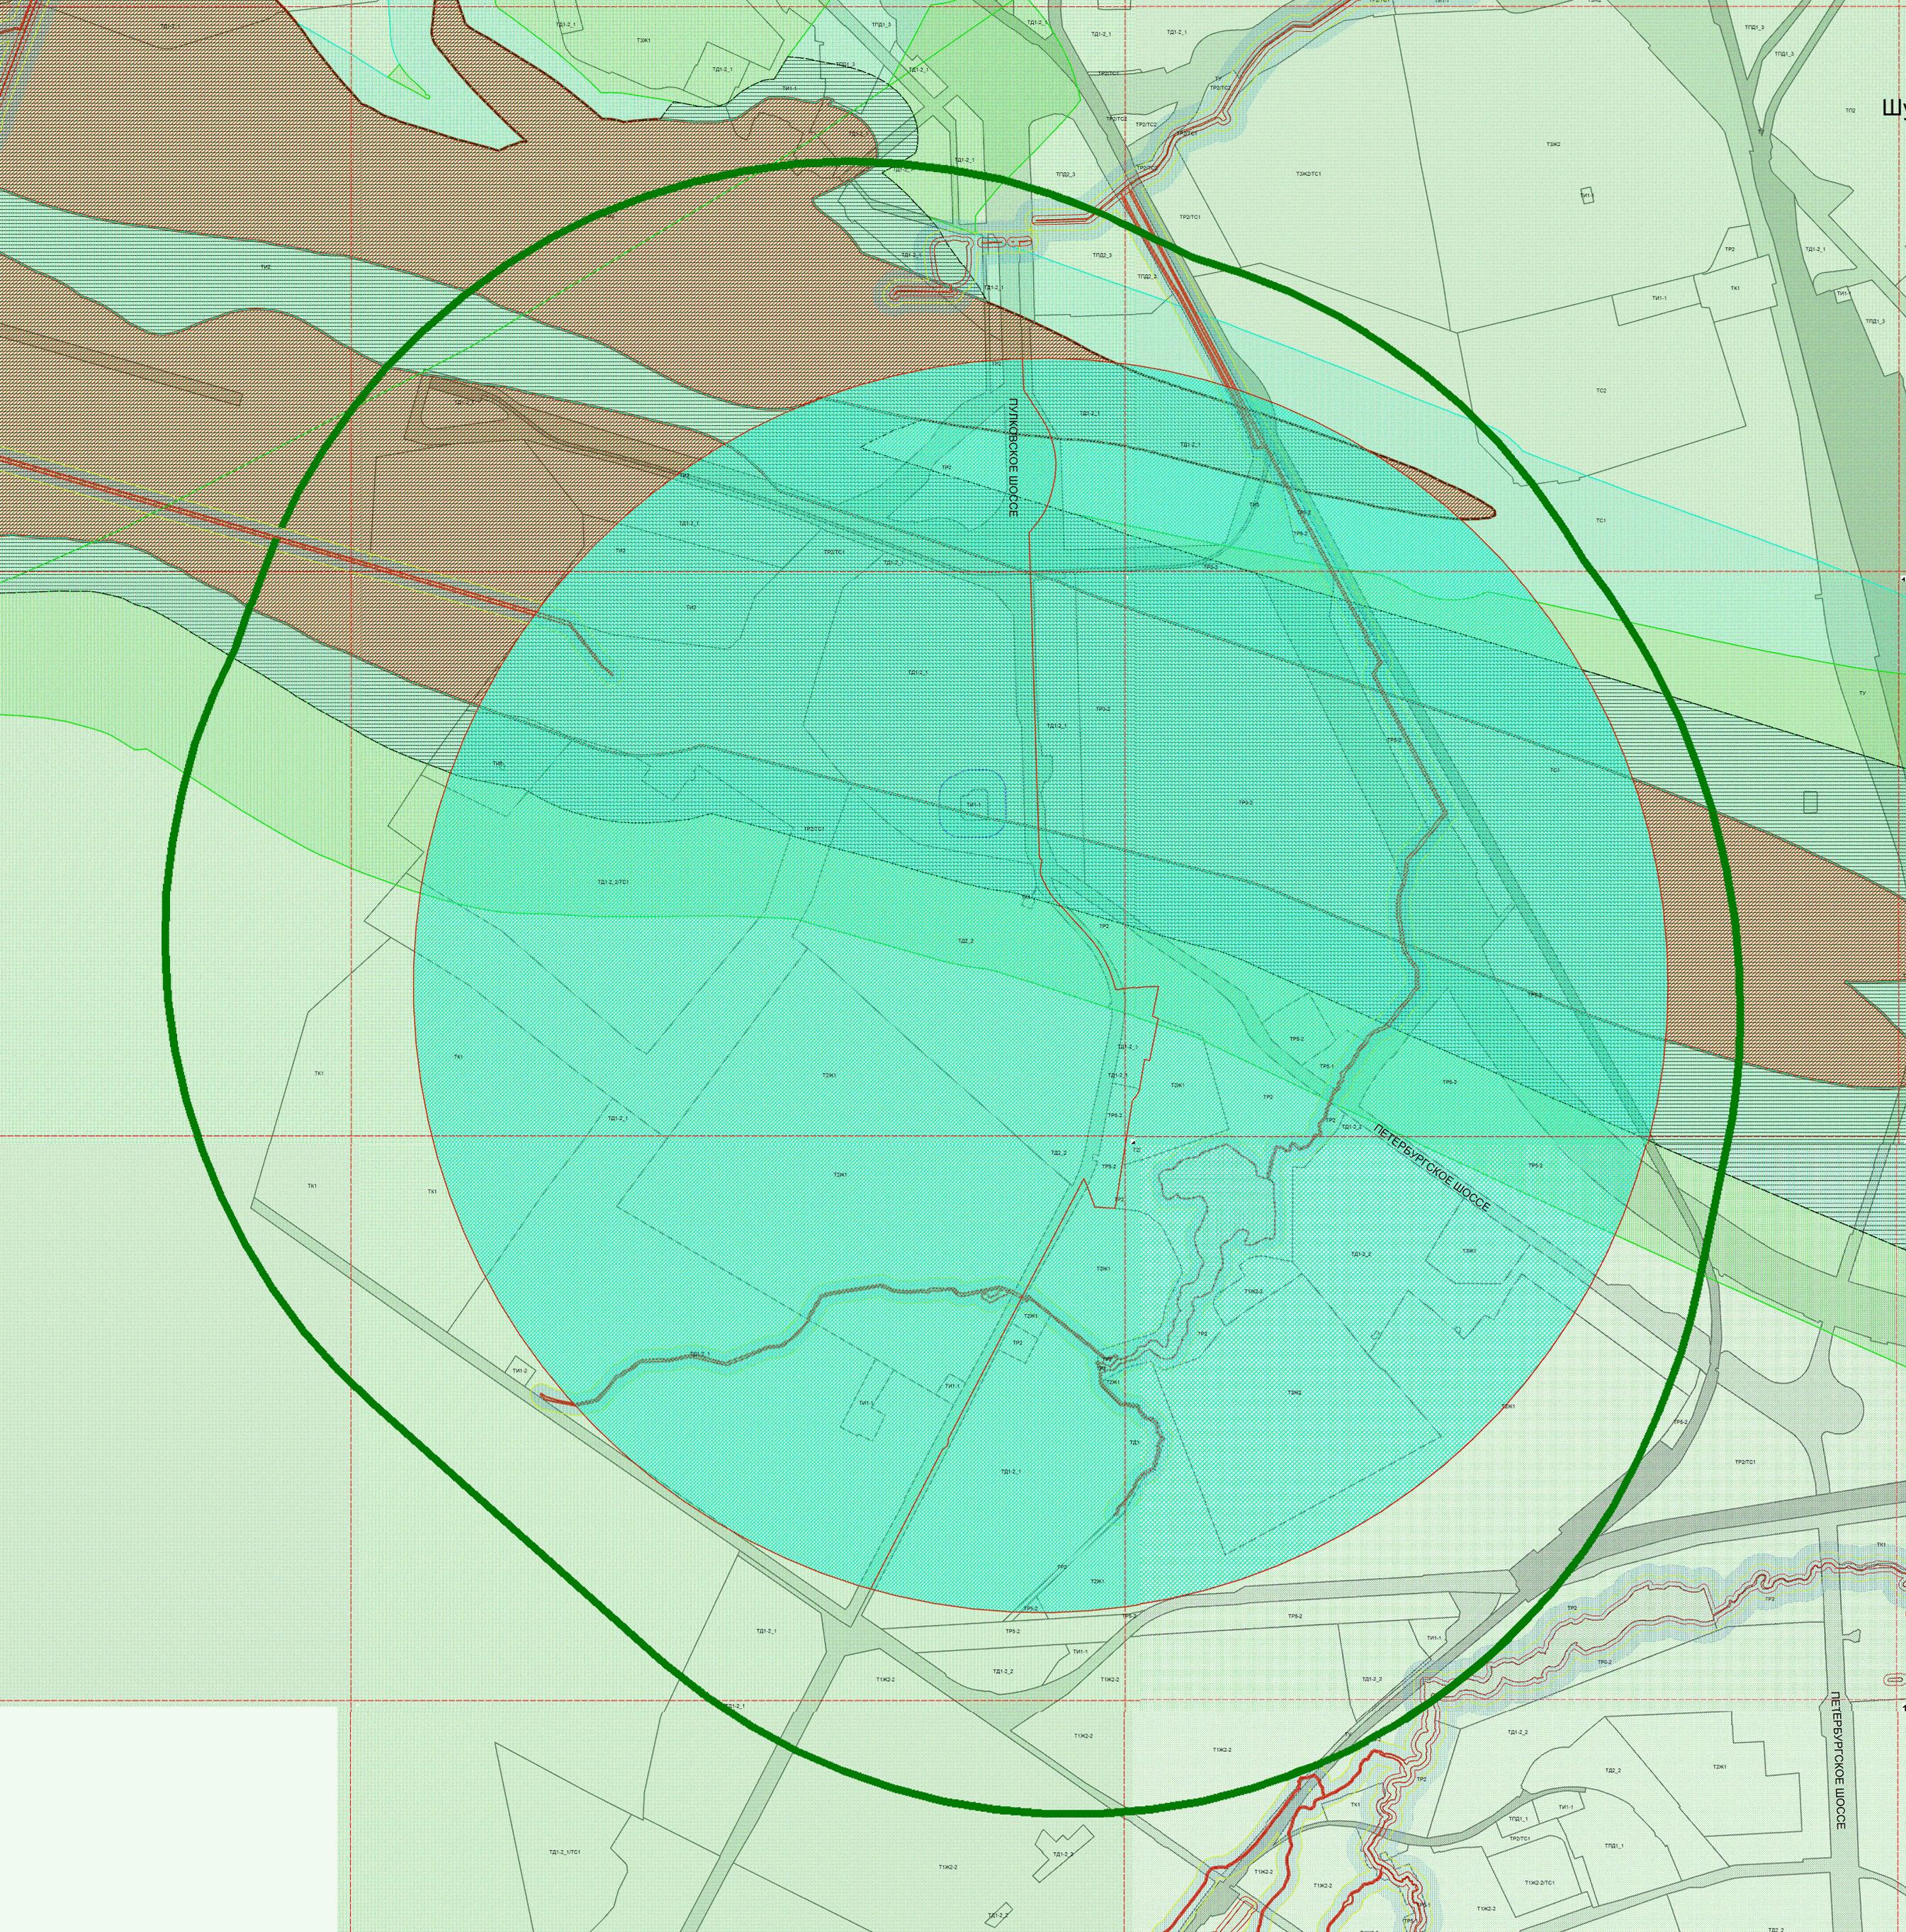 """На этой схеме сопоставлены две границы Защитной парковой зоны ГАО РАН. Зеленая толстая линия - из действующего Генплана, она же соответствует базовому документу - постановлению СНК часть 5Б.  Зеленой """"заливкой"""" отмечена защитная зона, указанная в ПЗЗ."""